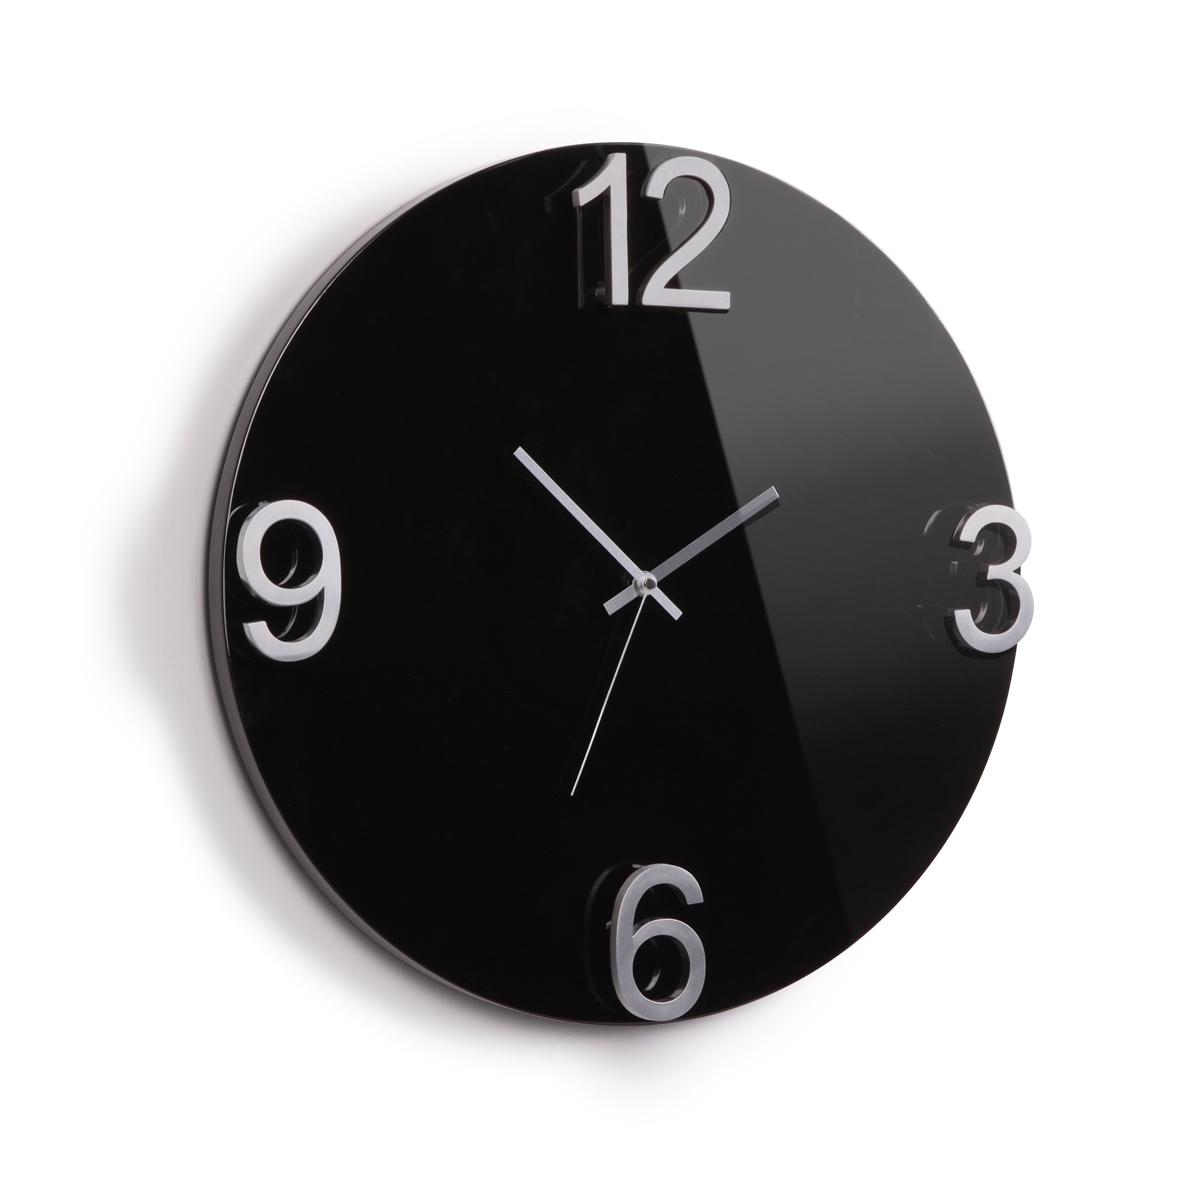 Часы настенные Umbra Elapse, цвет: черныйRG-D31SОригинальные настенные часы, выполненные в минималистском стиле.Основа из массива дерева с глянцевым покрытием и металлическими цифрами выглядит дорого и изысканно.Механизм работает при помощи 1 батарейки АА (батарейка в комплект не входит).